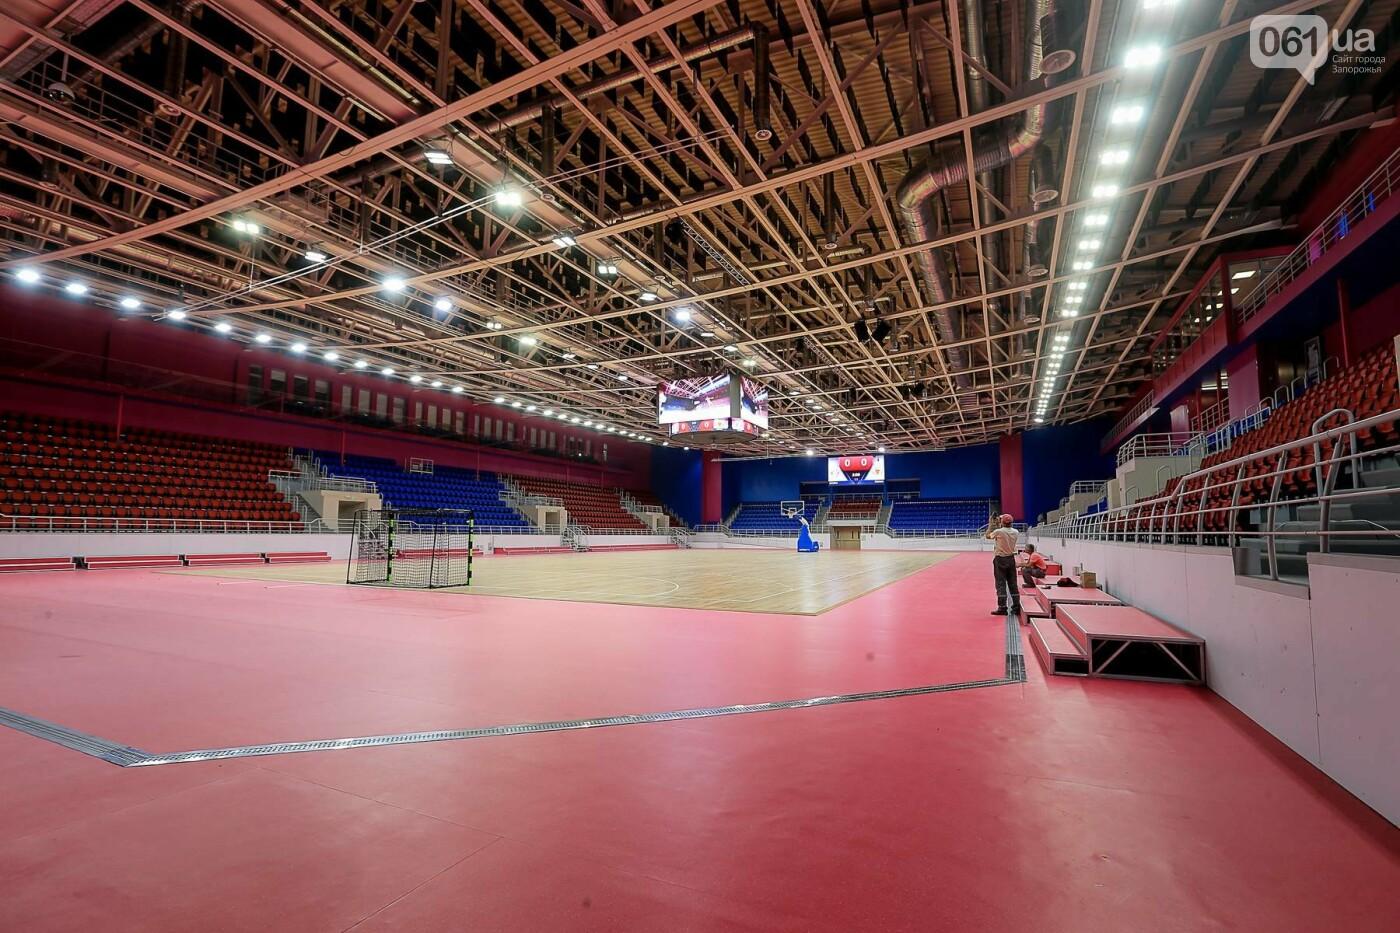 Представители Европейской гандбольной федерации проинспектировали запорожскую «Юность», - ФОТО, фото-14